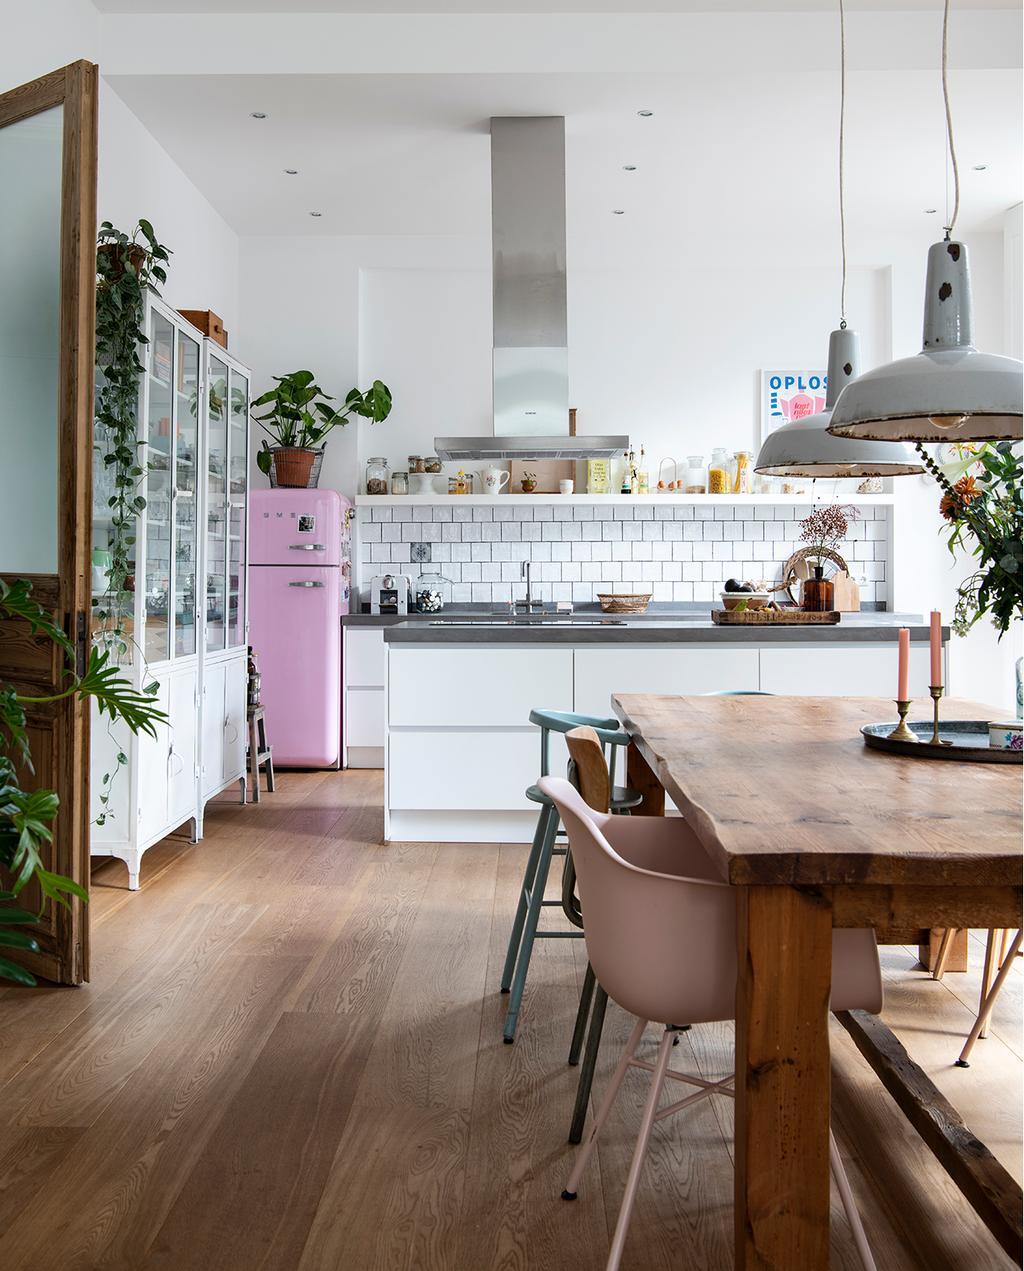 vtwonen 03-2020 | woonkeuken roze koelkast met houten eetkamertafel